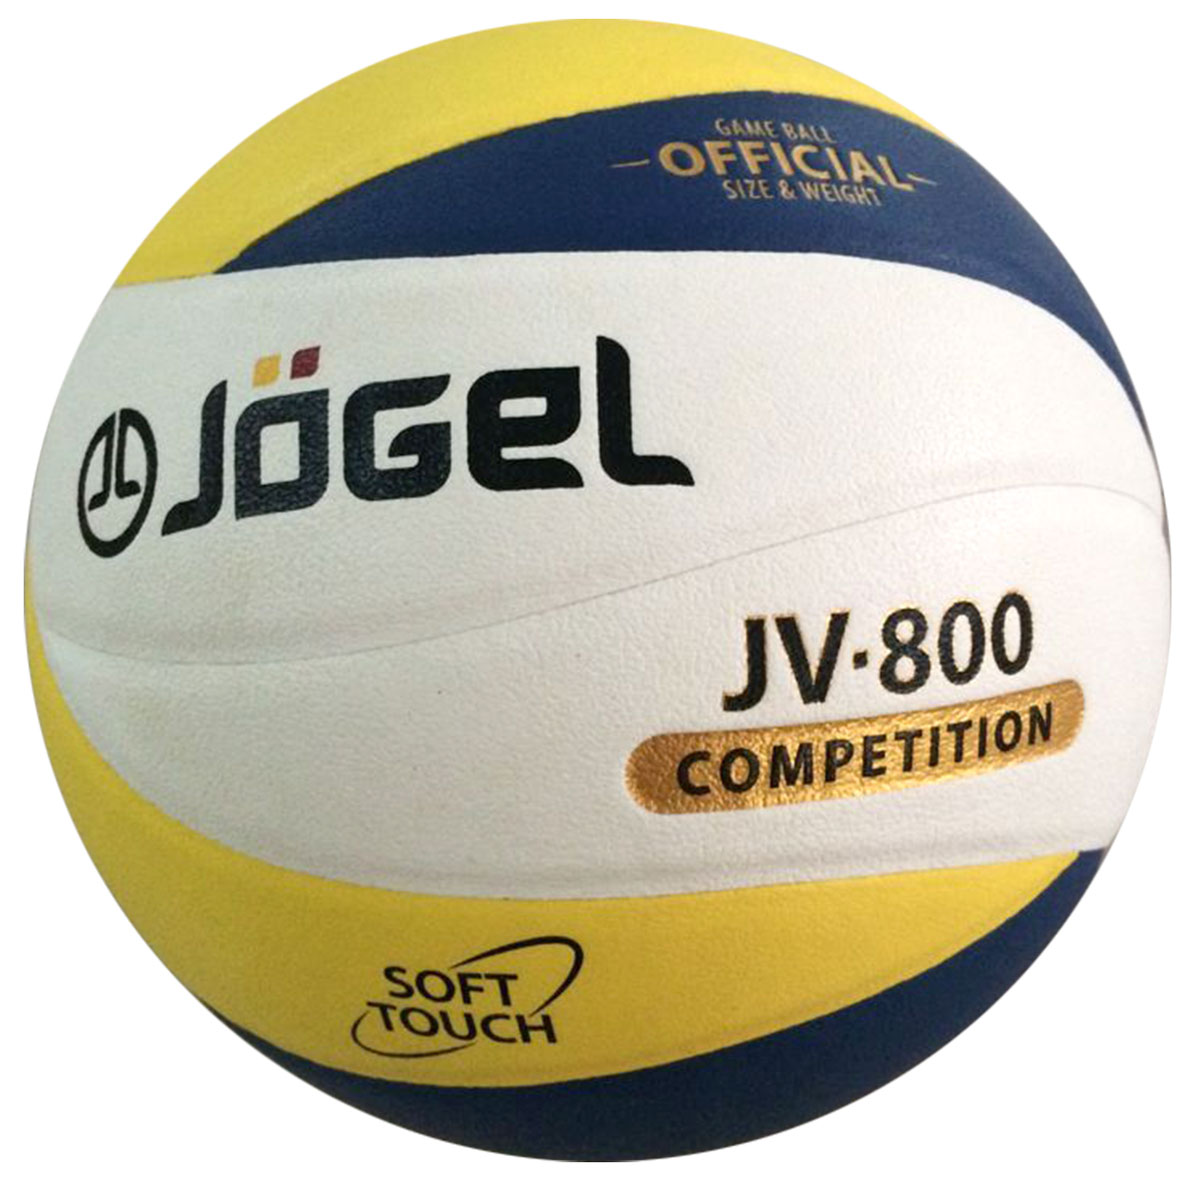 Мяч волейбольный Jogel, цвет: синий, желтый. Размер 5. JV-800120330_white/royalСоревновательный волейбольный мяч Jogel из серии COMPETITION предназначен для комфортных тренировок и игр команд любого уровня.Покрышка мяча выполнена из высокотехнологичного композитного материала на основе микрофибры, с применением технологии Soft Touch,которая напоминает натуральную кожу и обеспечивает правильный отскок. Мяч состоит из 12 панелей и бутиловой камеры, также армирован подкладочным слоем, выполненным из ткани. Мяч отлично подойдет для тренировок и соревнований команд высокого уровня. Вес: 260-280 гр. Длина окружности: 65-67 см. Рекомендованное давление: 0.29-0.32 бар.УВАЖАЕМЫЕ КЛИЕНТЫ! Обращаем ваше внимание на тот факт, что мяч поставляется в сдутом виде. Насос в комплект не входит.